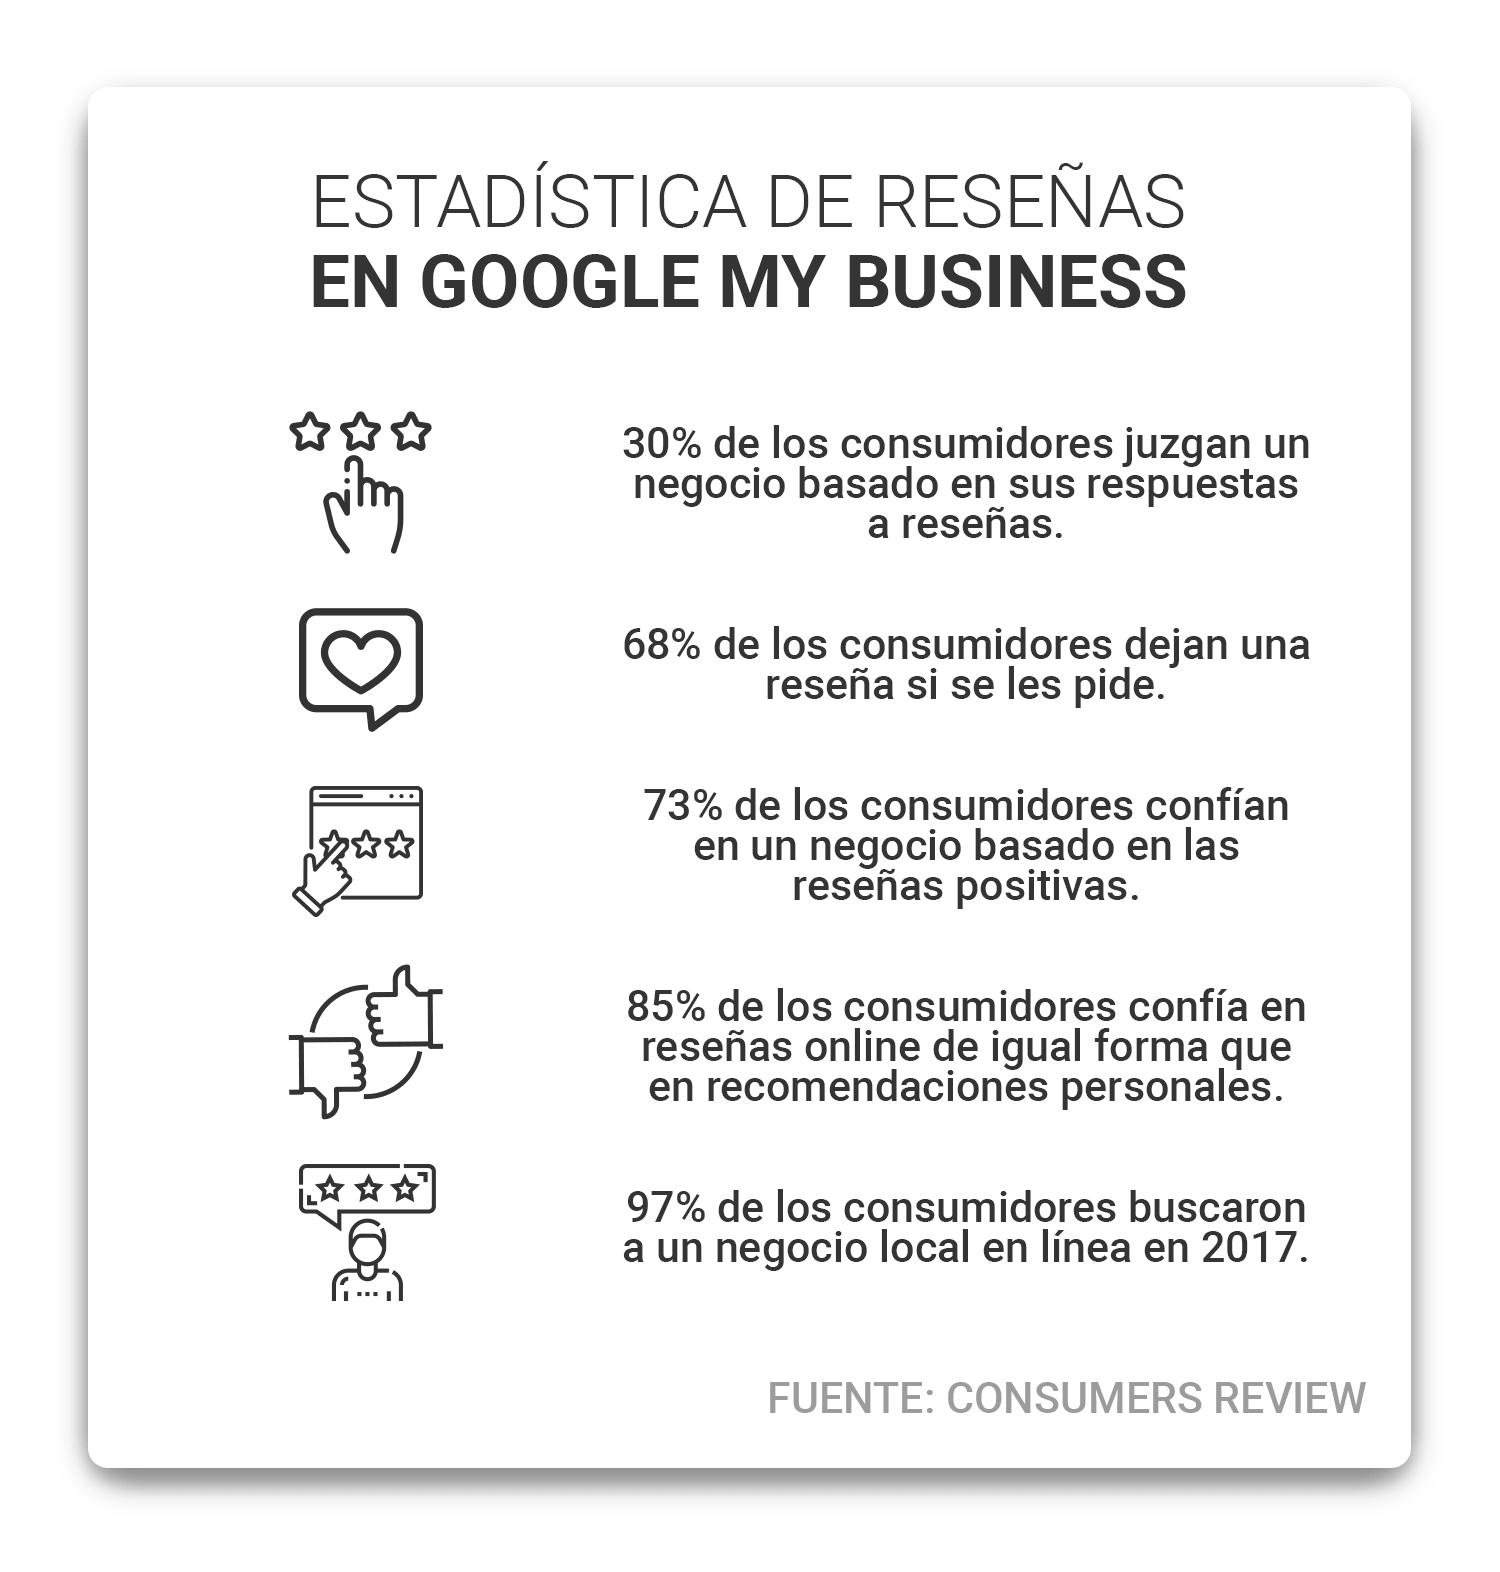 estadísticas-de-reseñas-en-google-my-business-min